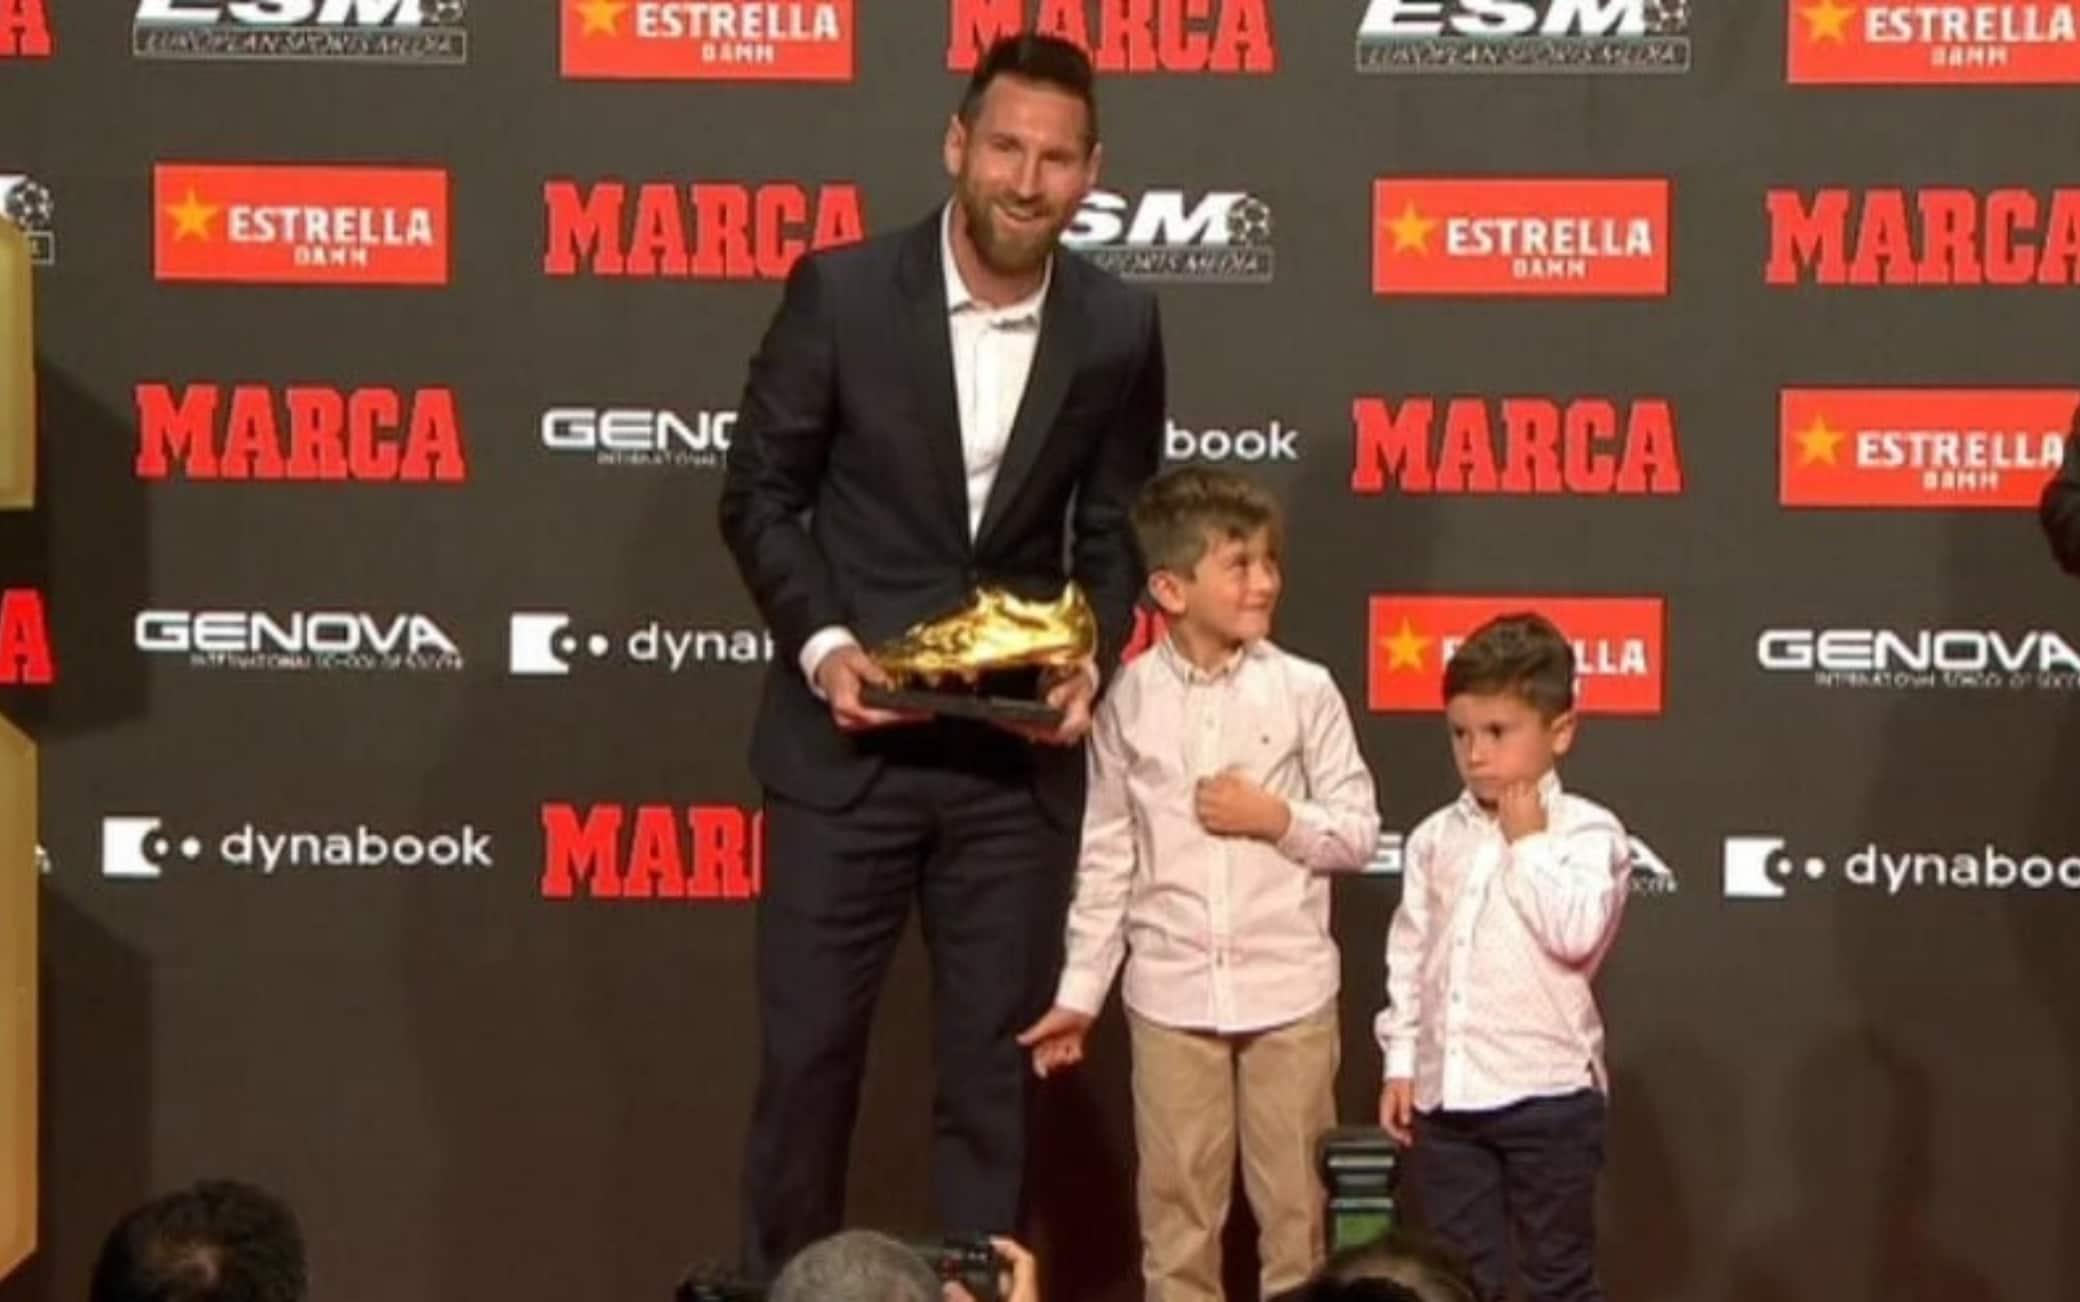 Messi Barcellona: dura stoccata a Cristiano Ronaldo ed Ibrahimovic